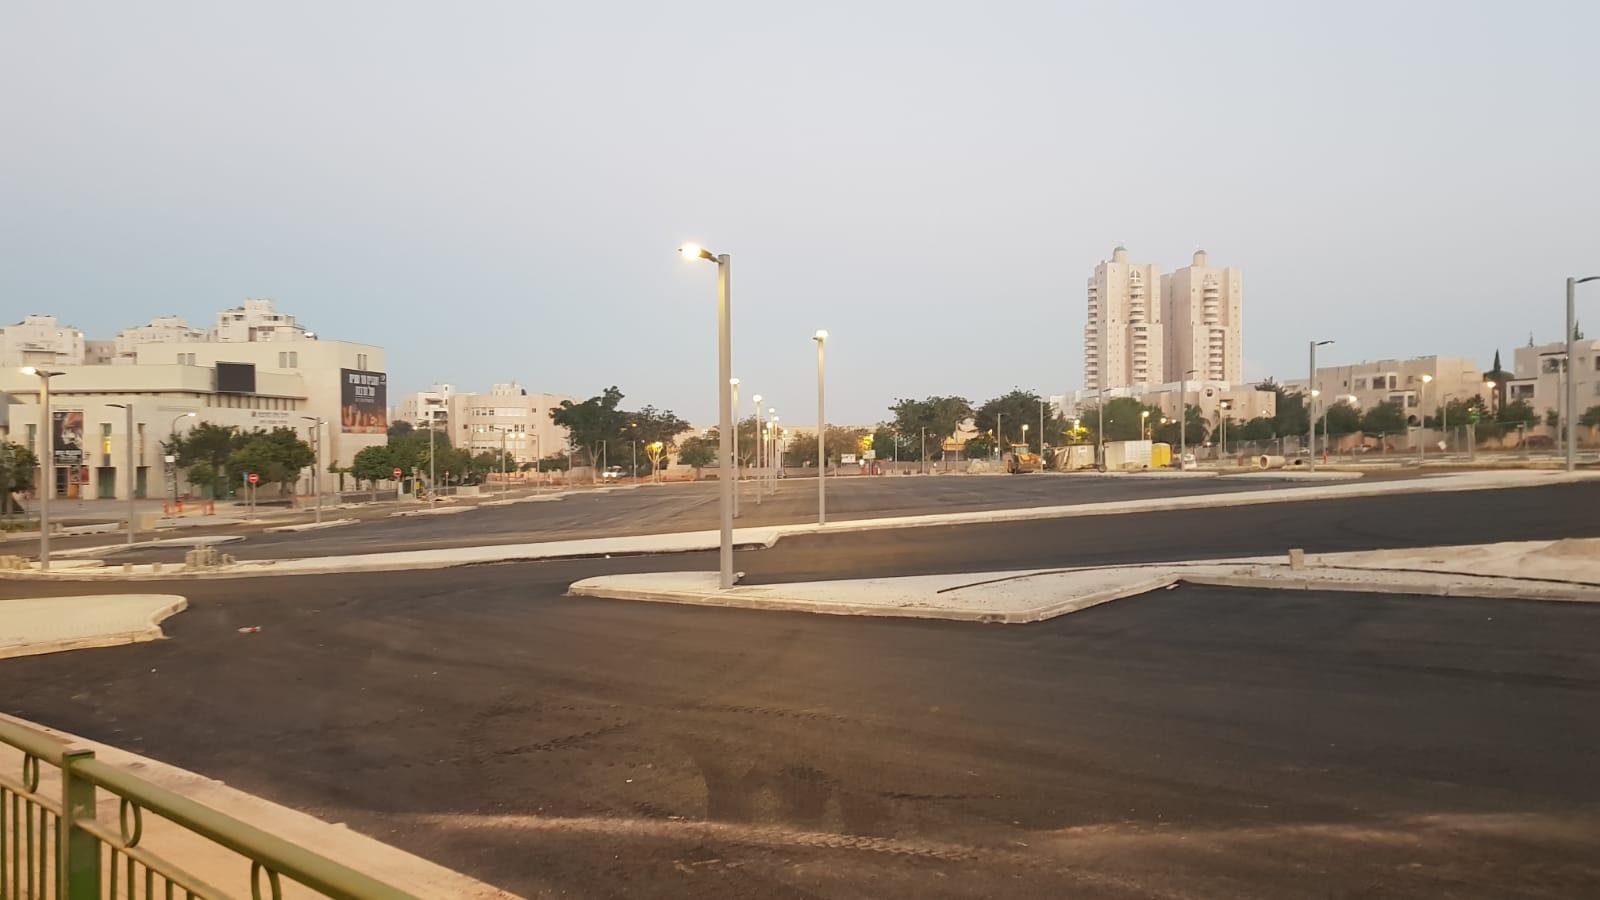 החניון החדש ברחוב עמק דותן (צילום: דוברות עיריית מודיעין מכבים רעות)